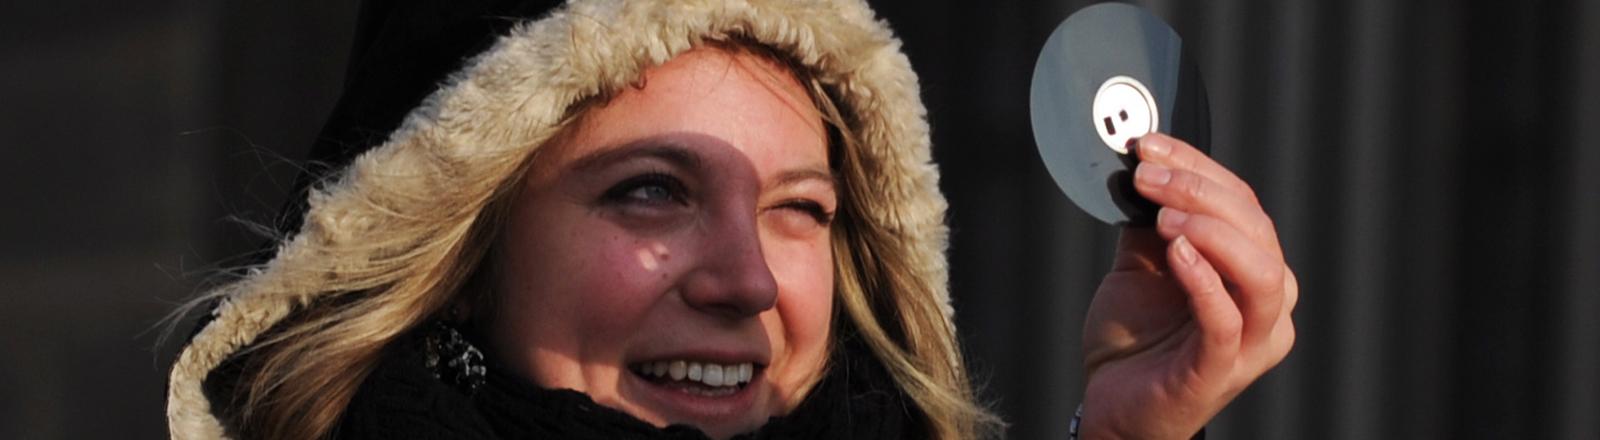 Eine Frau schaut durch das kleine Loch einer Floppy-Disk eine Sonnenfinsternis an.